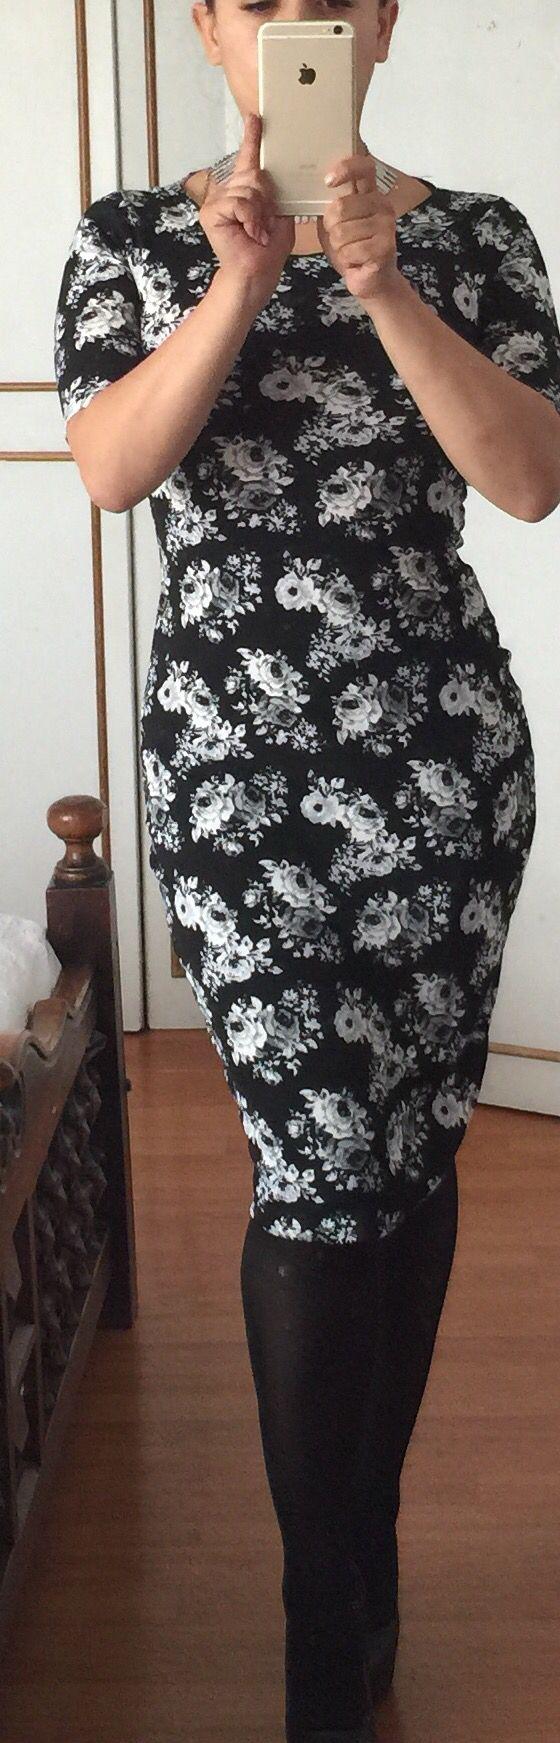 Vestido en Lanilla licrada bu Bizar $190.000 Whats App 3138696576 Carrera 16 no 85 - 86 Bogota - Colombia Diseñador: Carlos Duarte